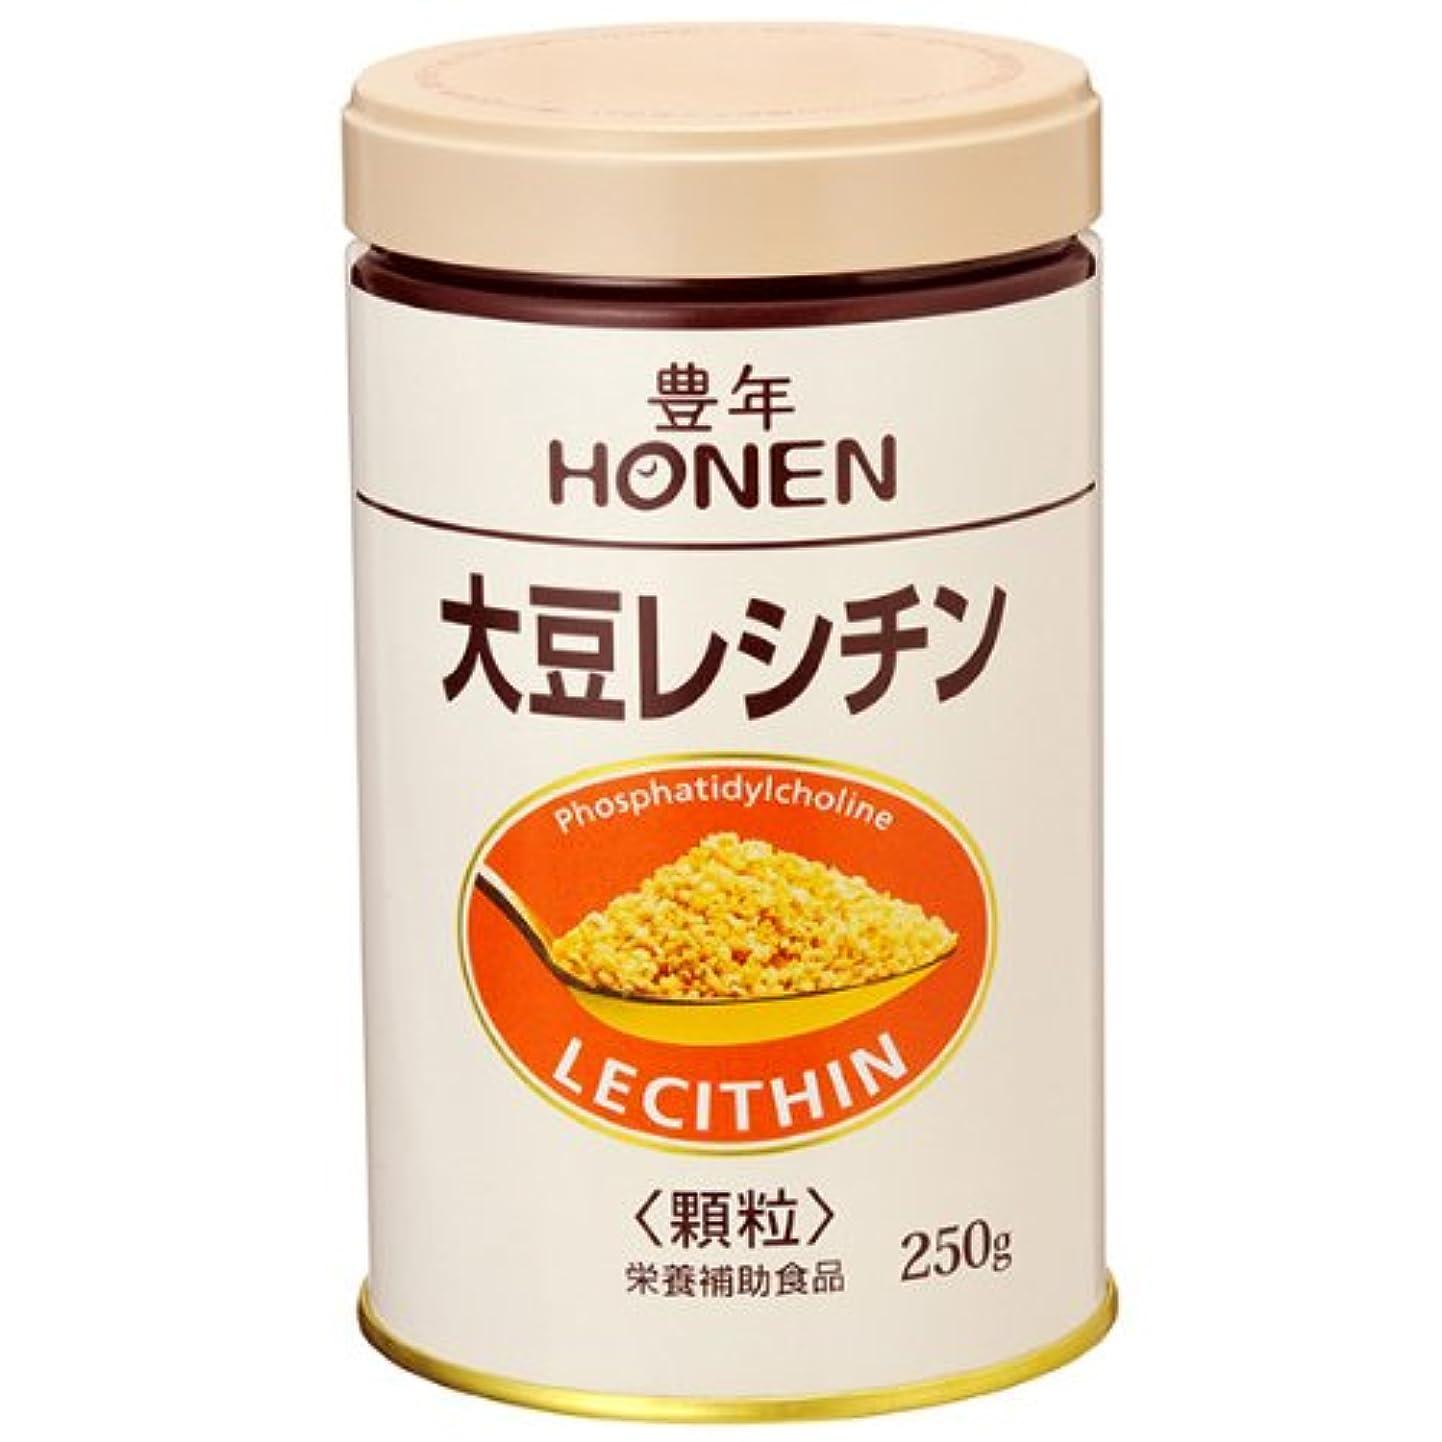 売上高民主党フェローシップ豊年 大豆レシチン(顆粒250g缶)